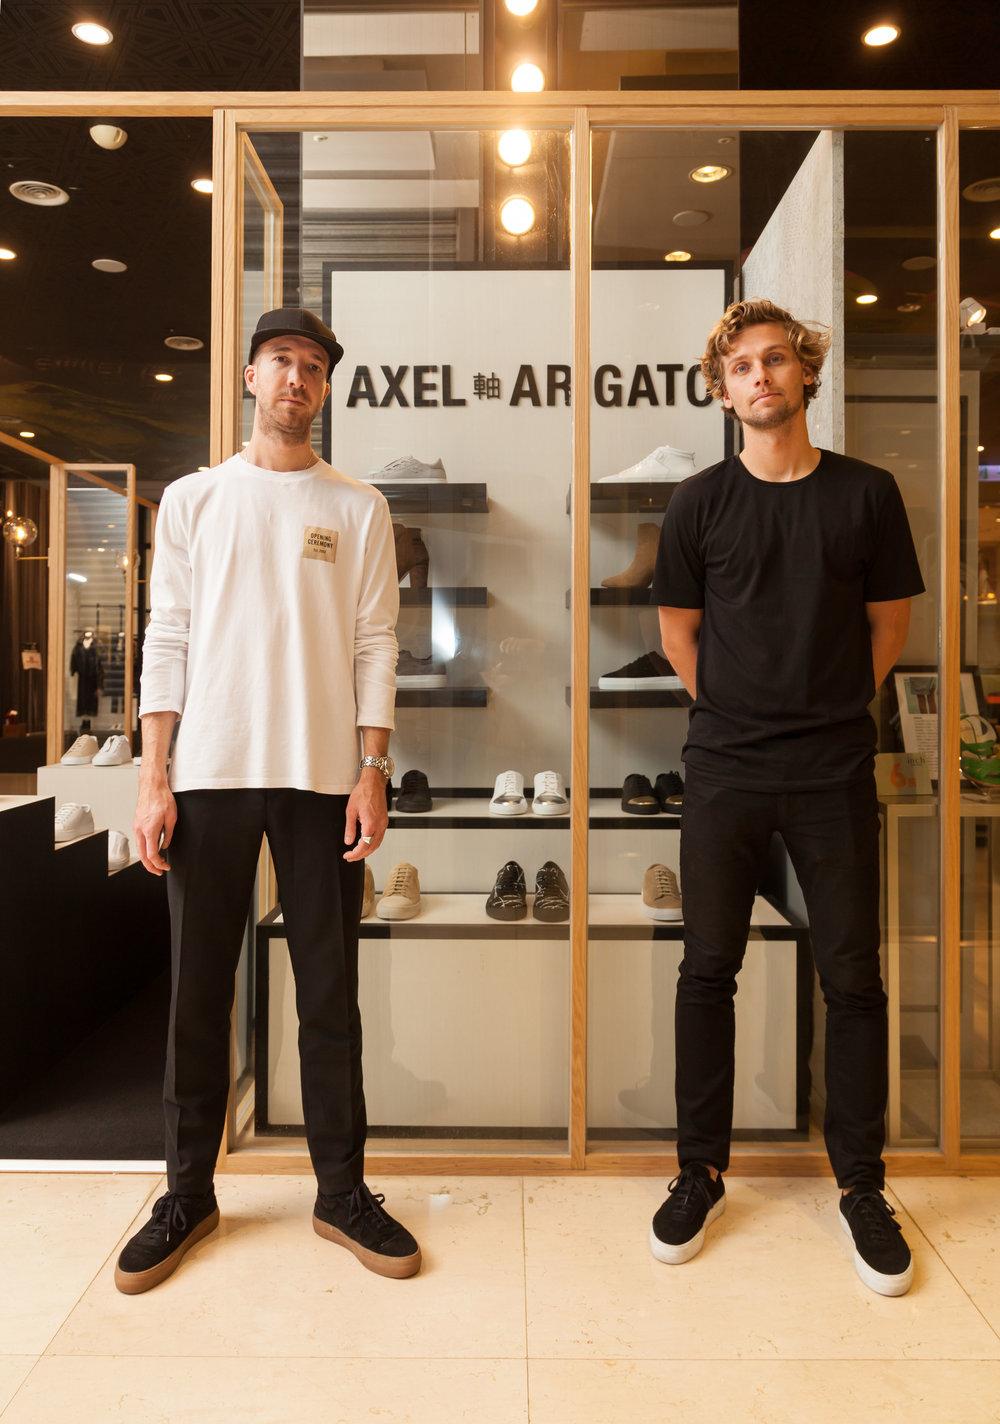 瑞典新興潮流鞋履品牌AXEL ARIGATO_創辦人(左)Max Svärdh(右)創辦人Albin Johansson_於台北快閃店上合影1.jpg